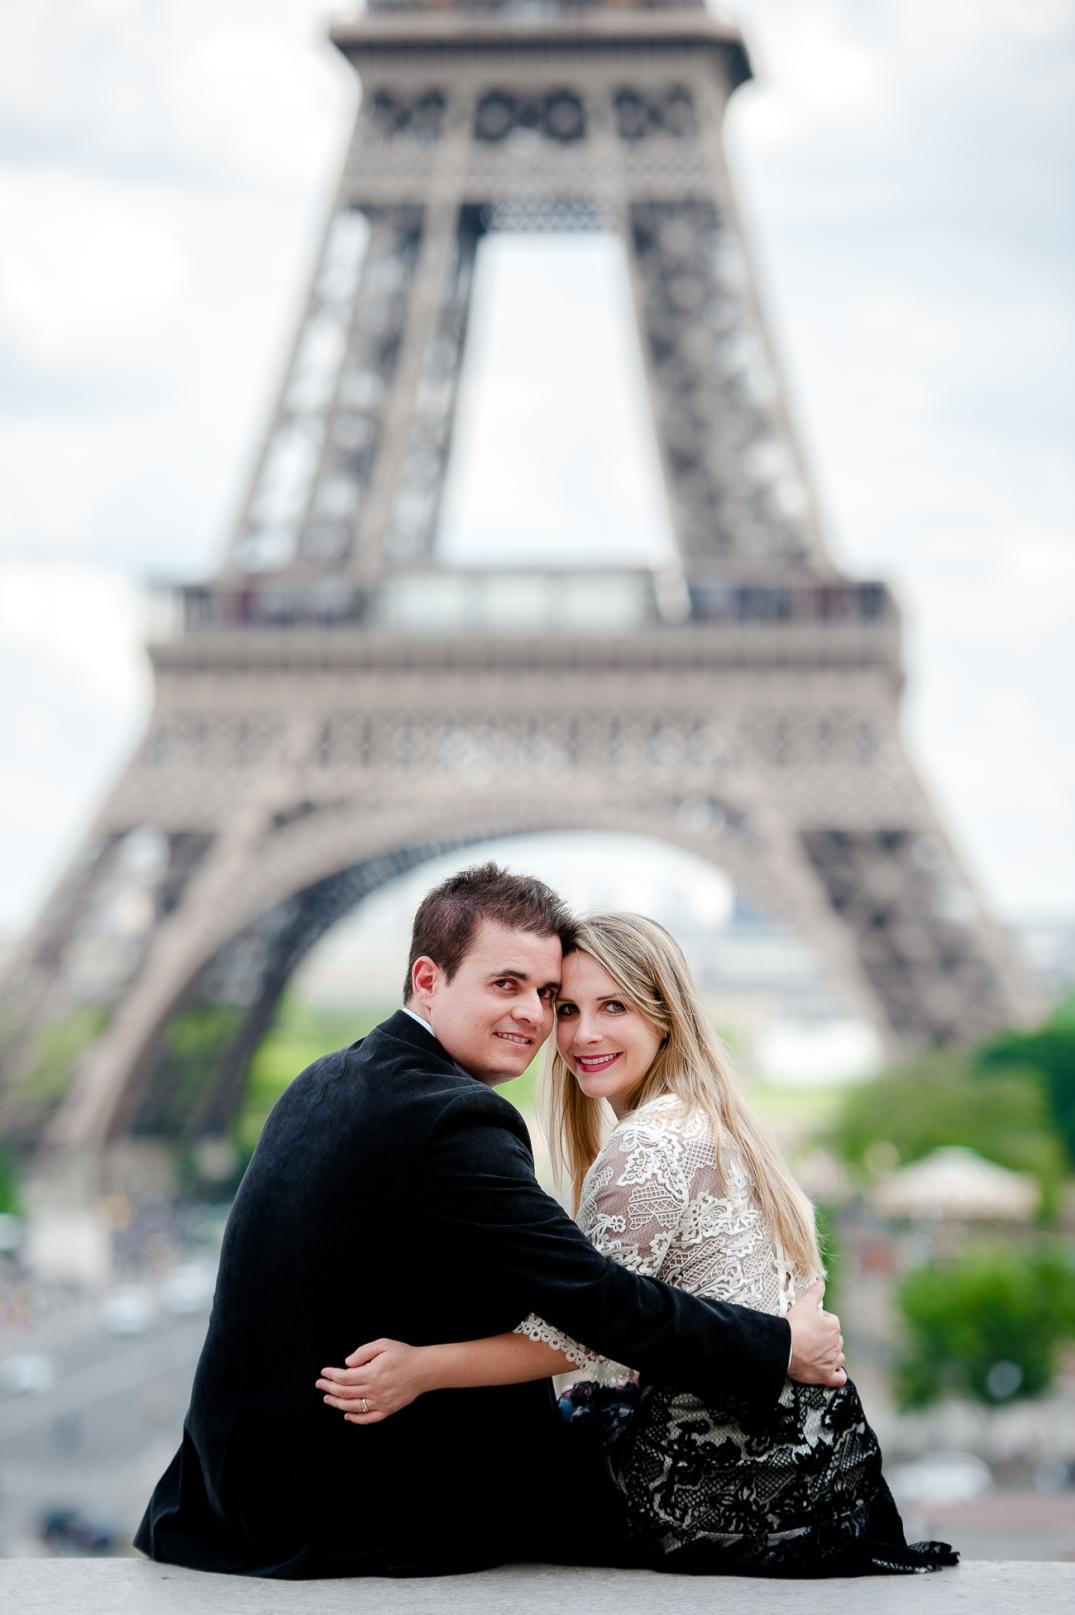 ensaio de fotos romantico em paris